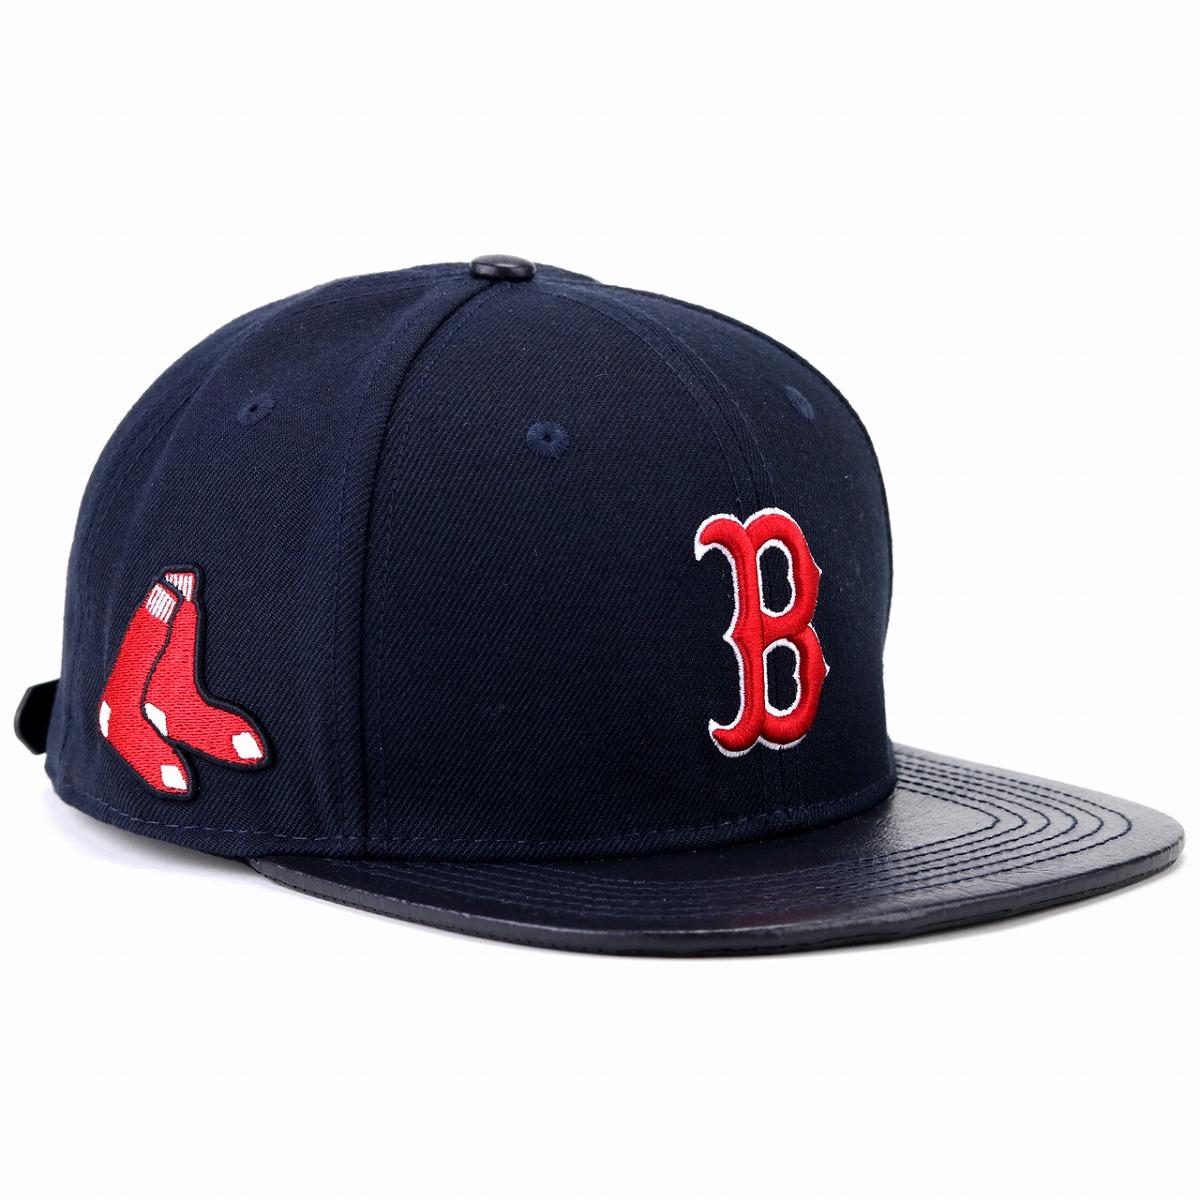 ボストンレッドソックス ロゴ キャップ プロスタンダード 野球帽 メンズ レディース 帽子 MLB Boston Red Sox Logo cap Pro Standard 紺 ネイビー[ baseball cap ]